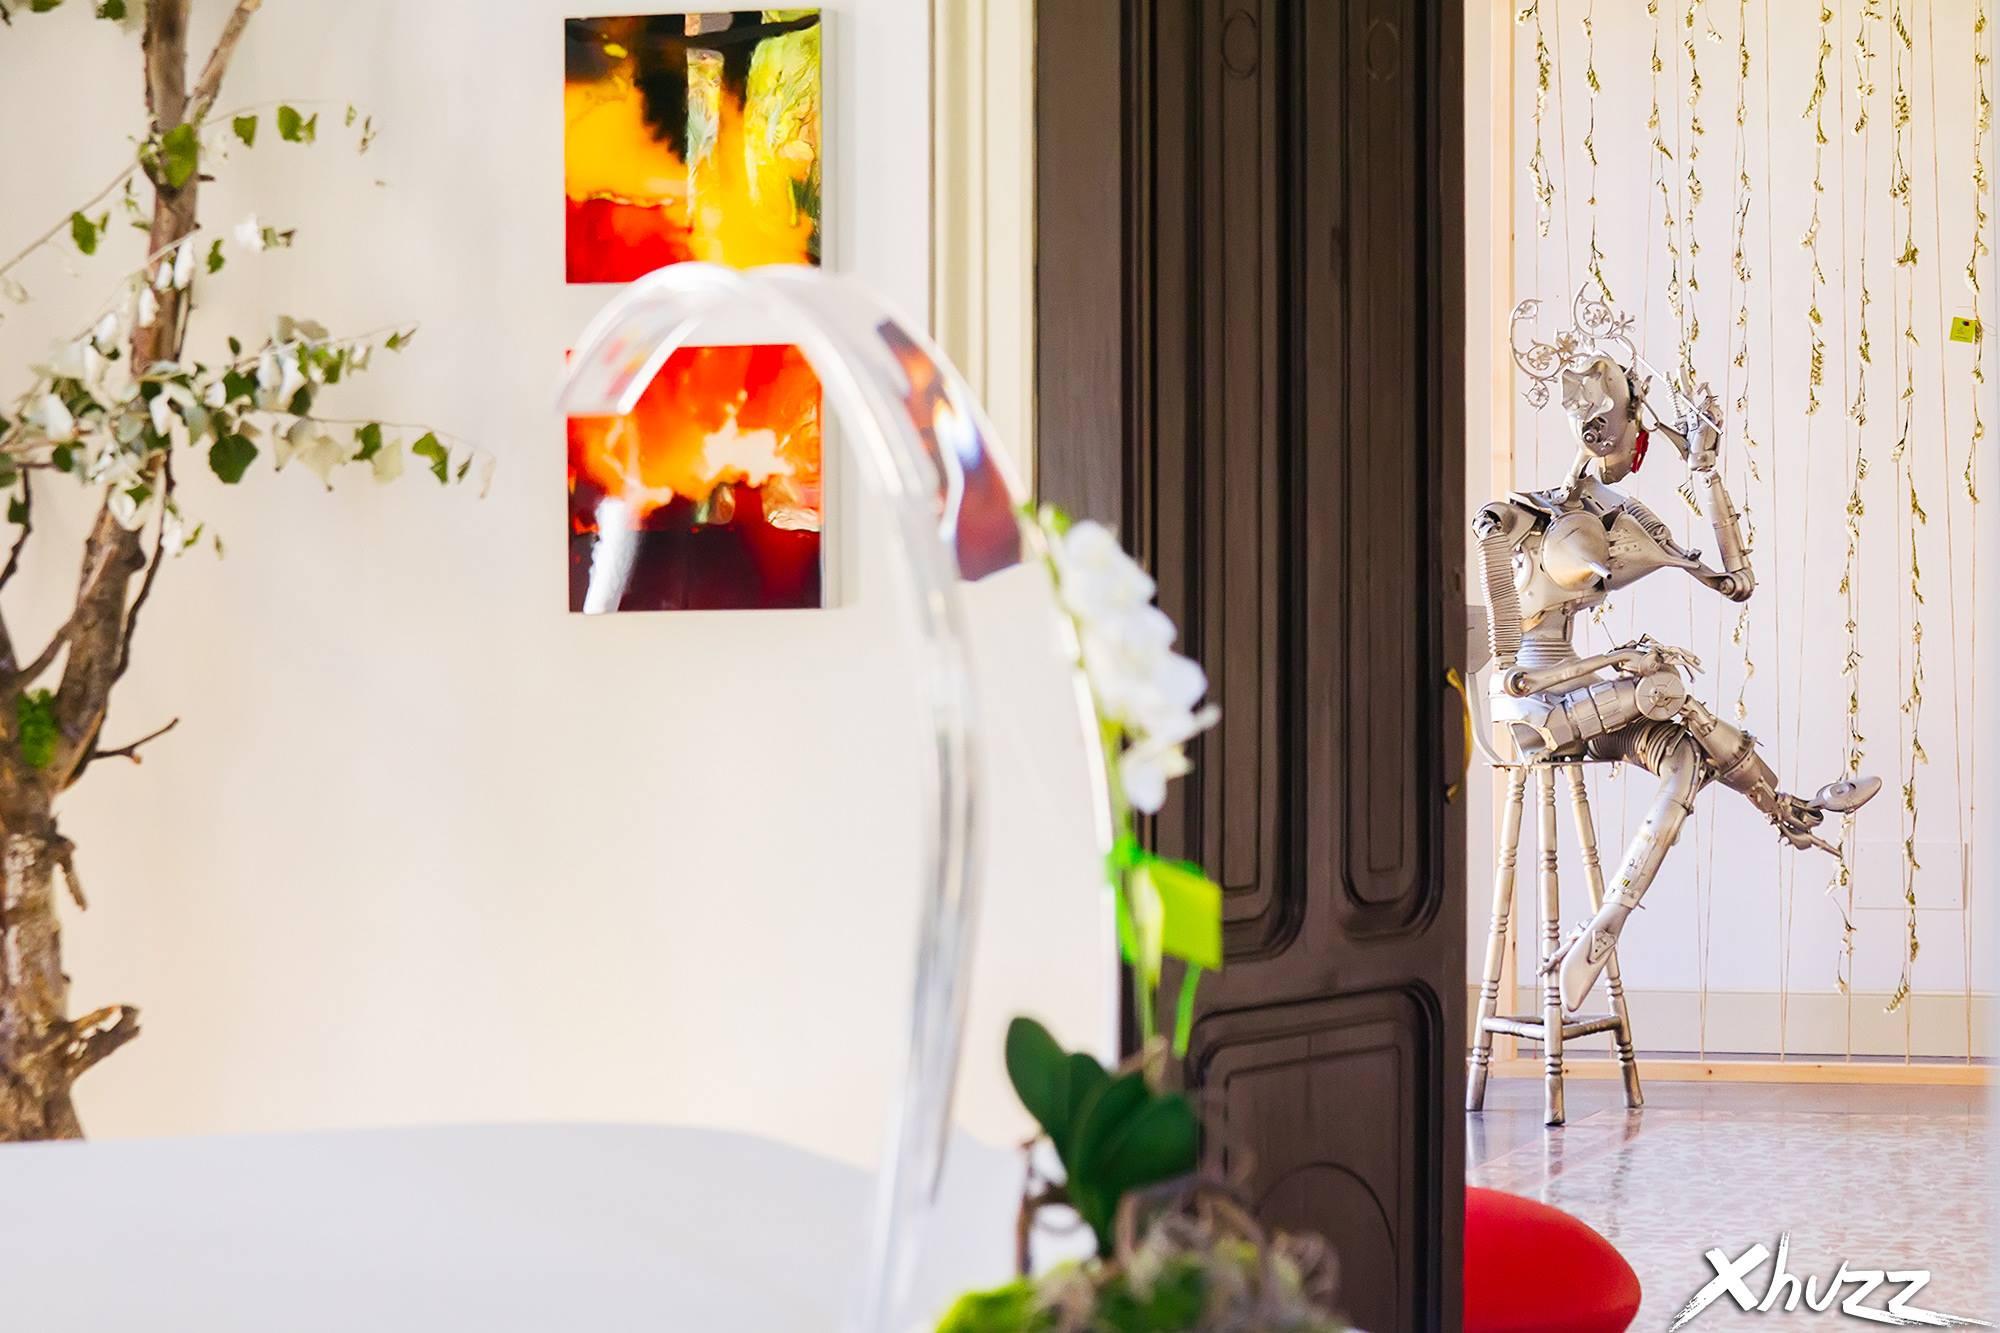 intTOP LORCA. 1º muestra de diseño interior en Casa Palacio Huerto ...